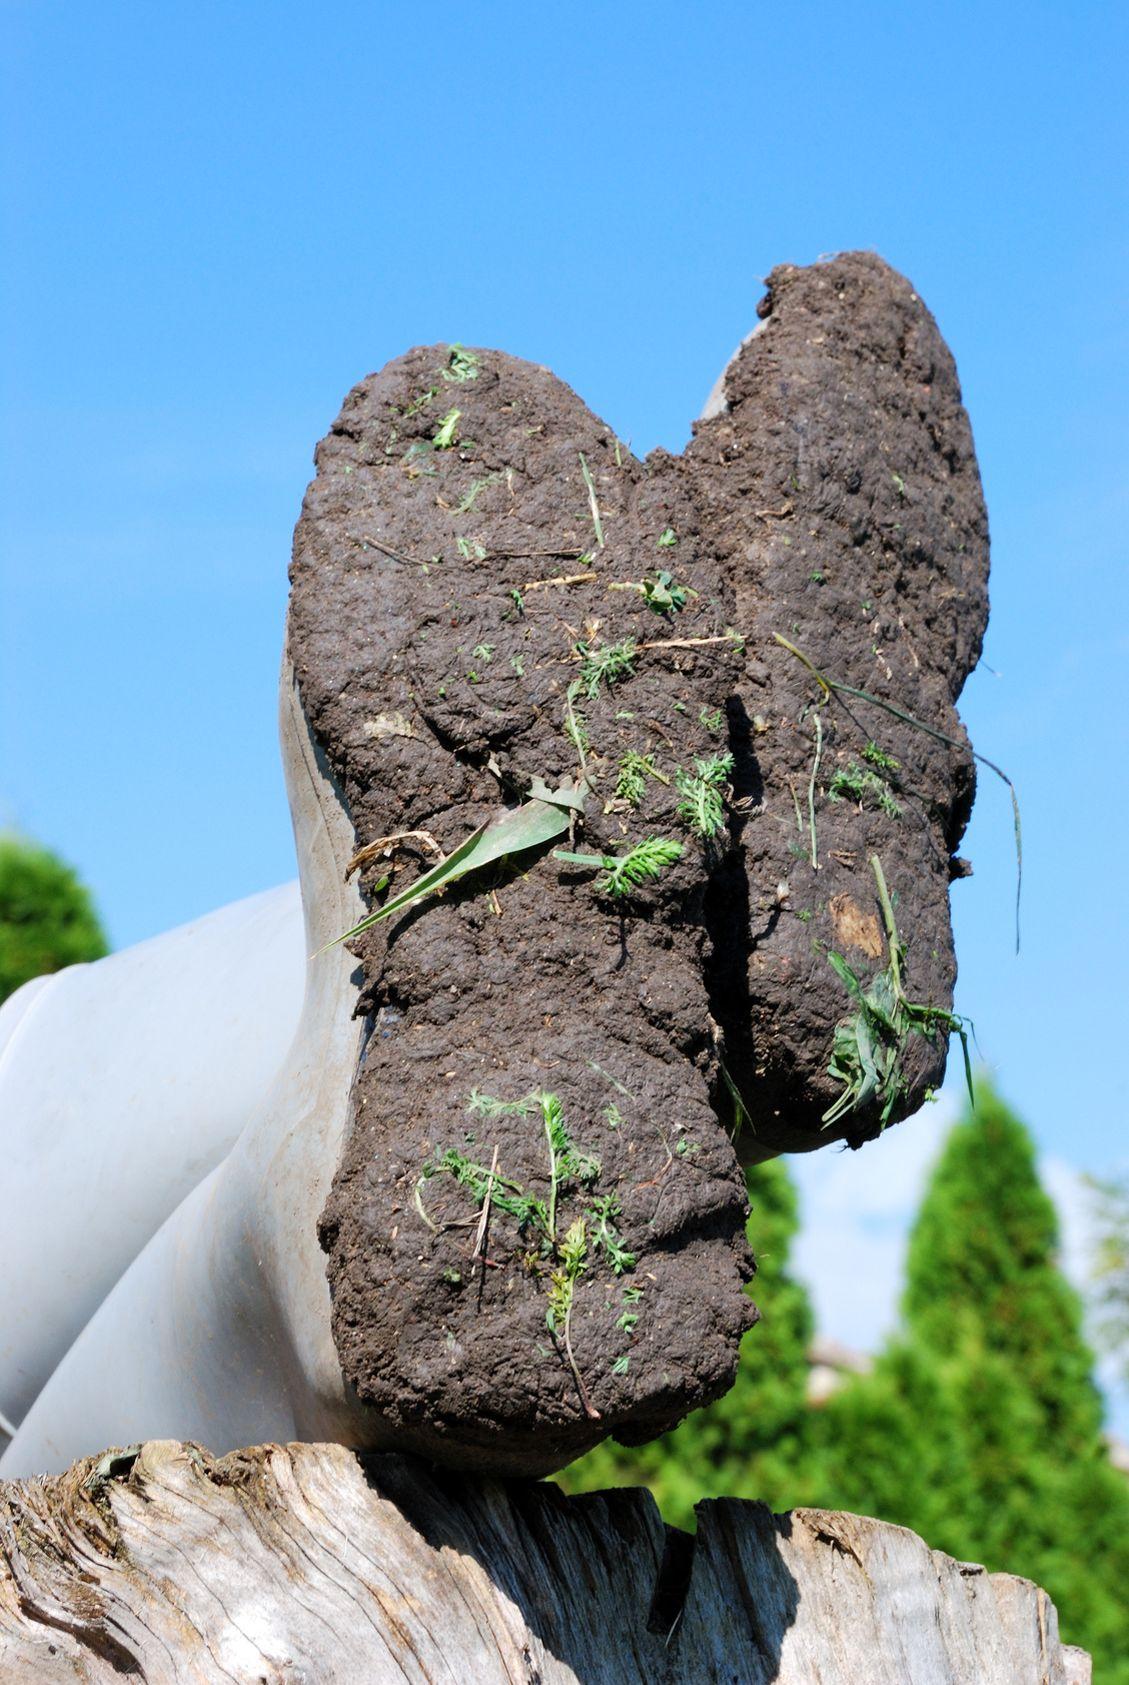 Quoi Planter Dans Une Terre Argileuse comment décompacter un sol lourd et argileux